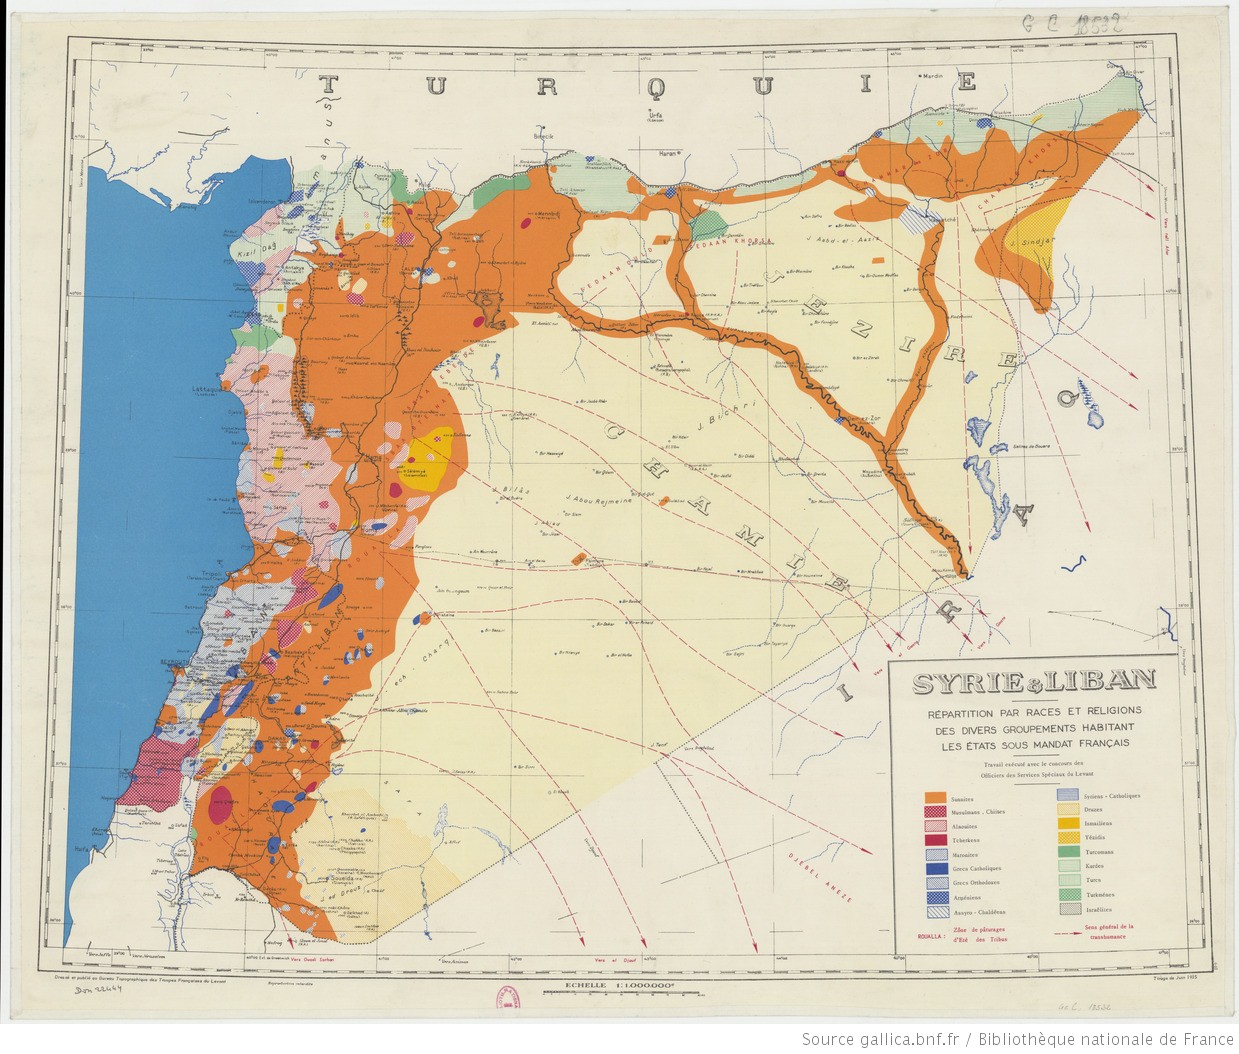 خارطة تظهر التوزع العرقي والديني في سوريا ولبنان تحت الانتداب الفرنسي، المصدر: Gallica.